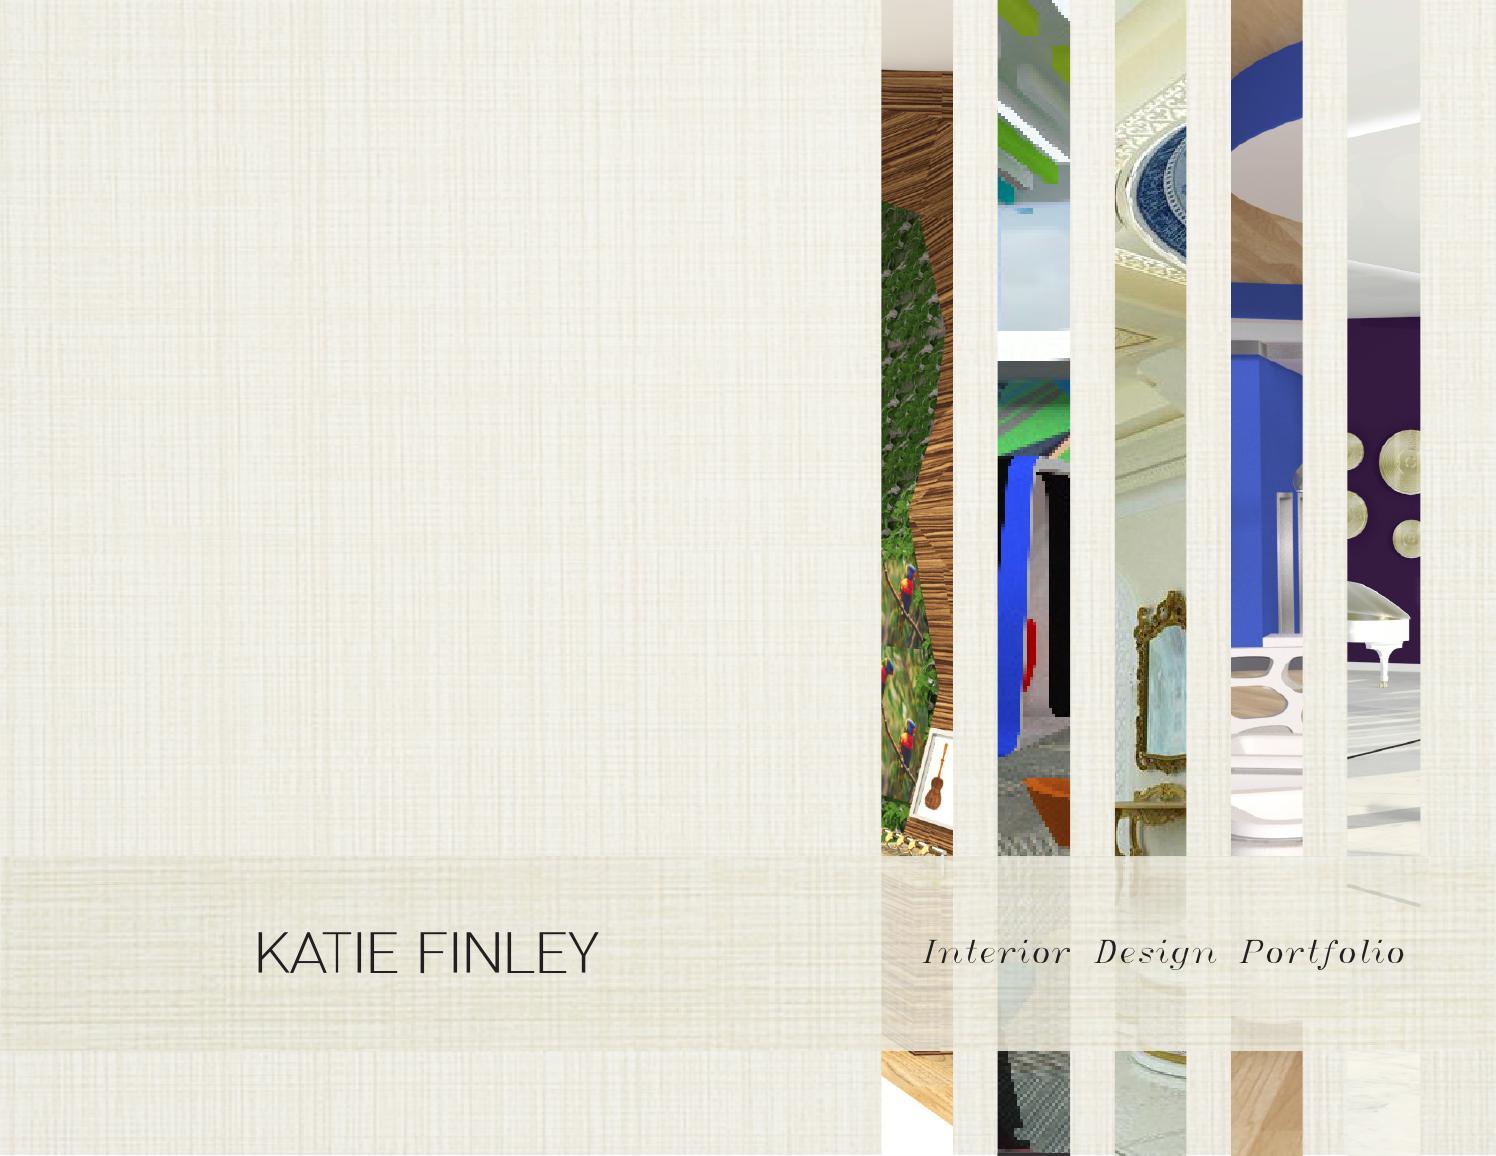 Interior design portfolio katie finley by katie finley issuu for New york school of interior design mascot